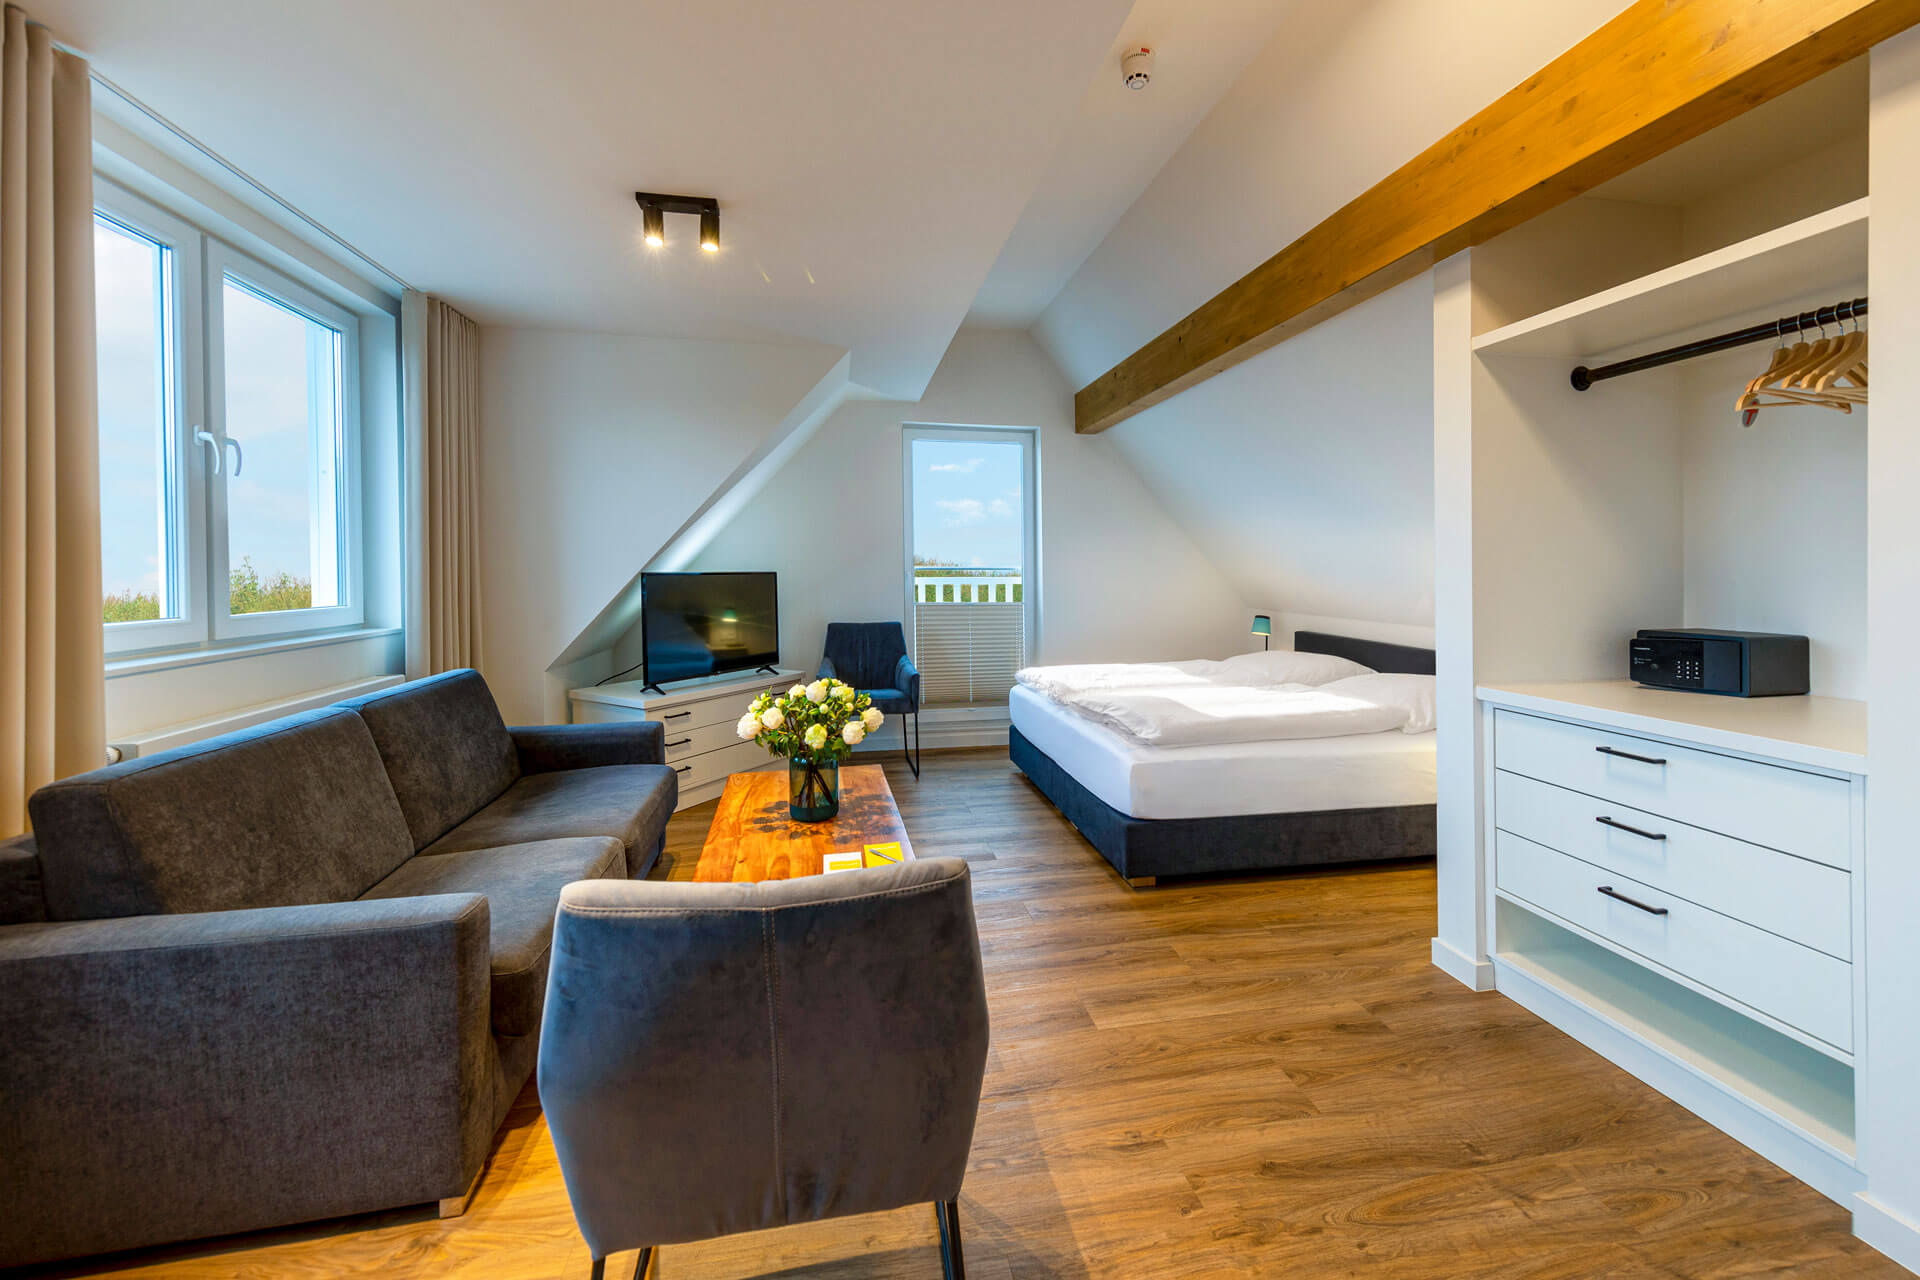 Hotel-Meerzeit-Doppelzimmer Deluxe